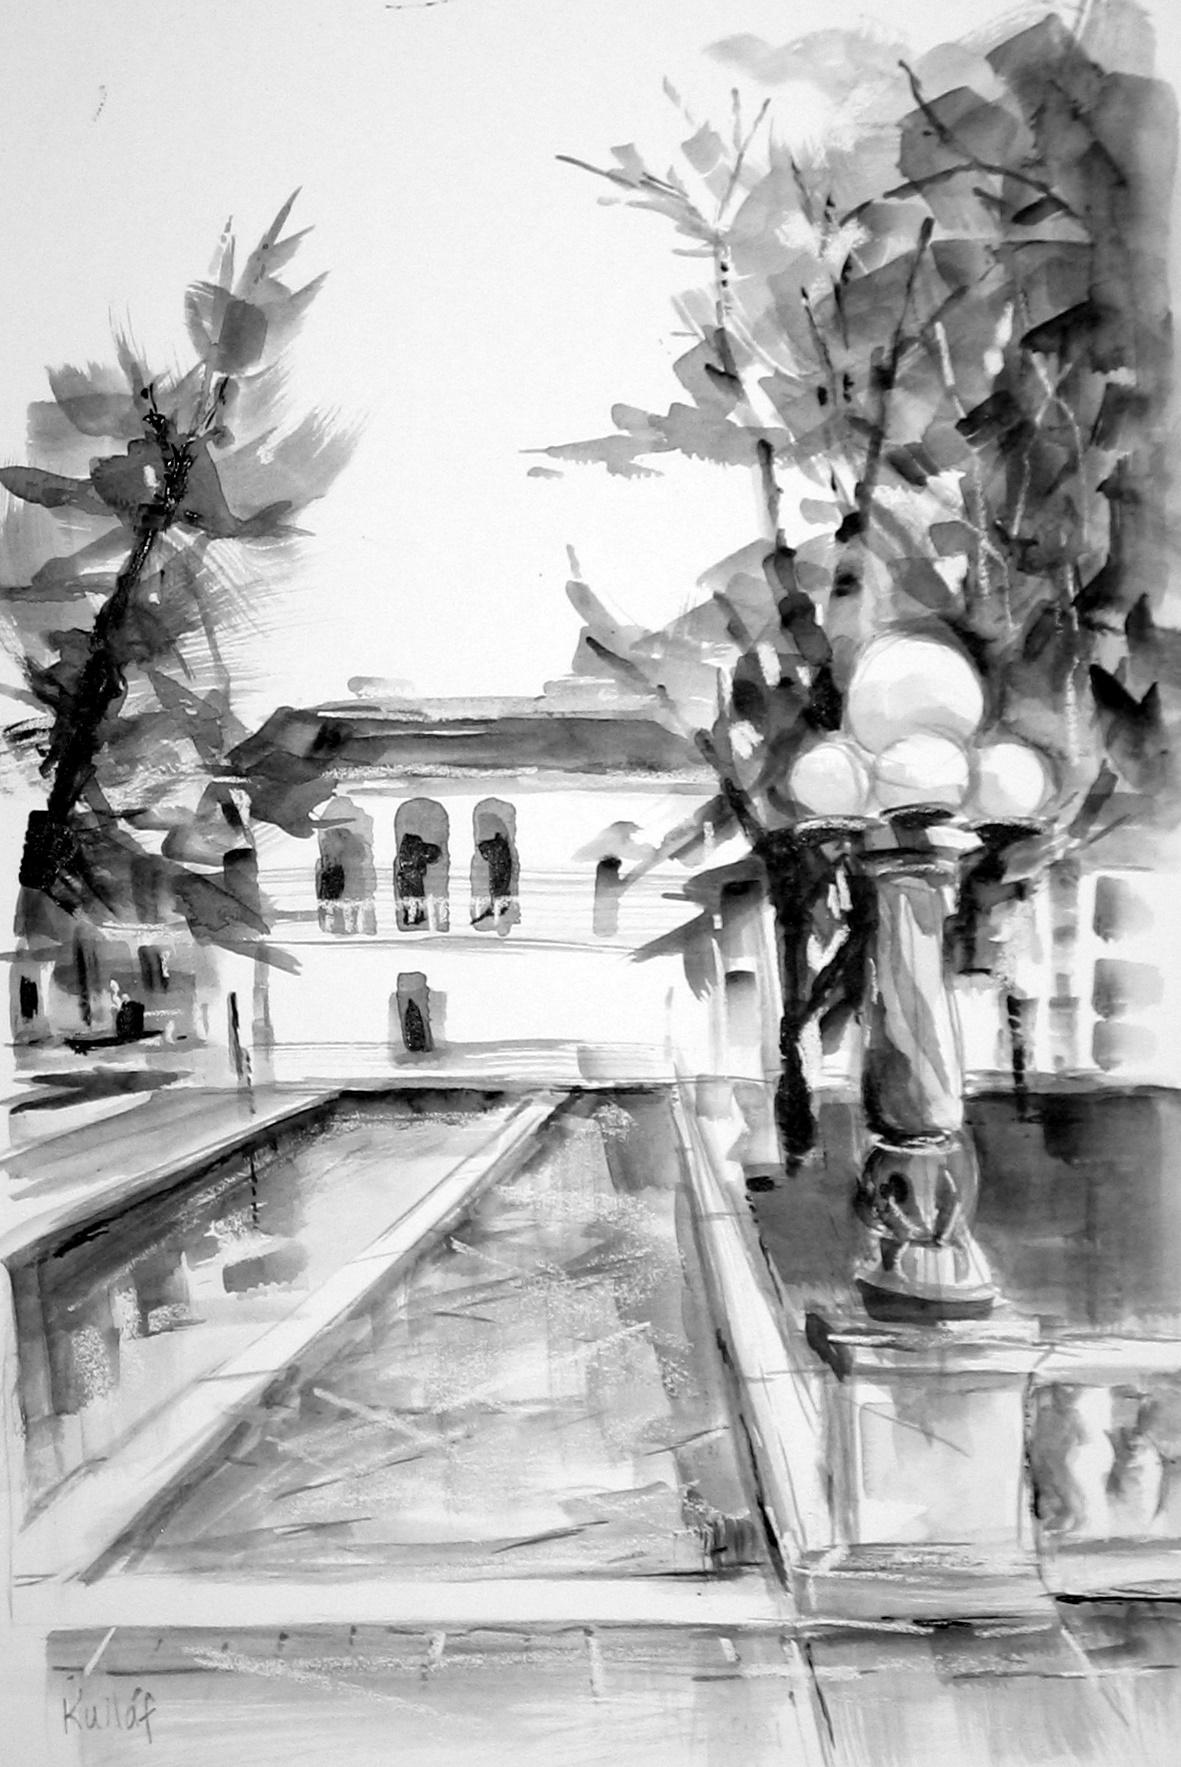 Gestural urban landscape drawings